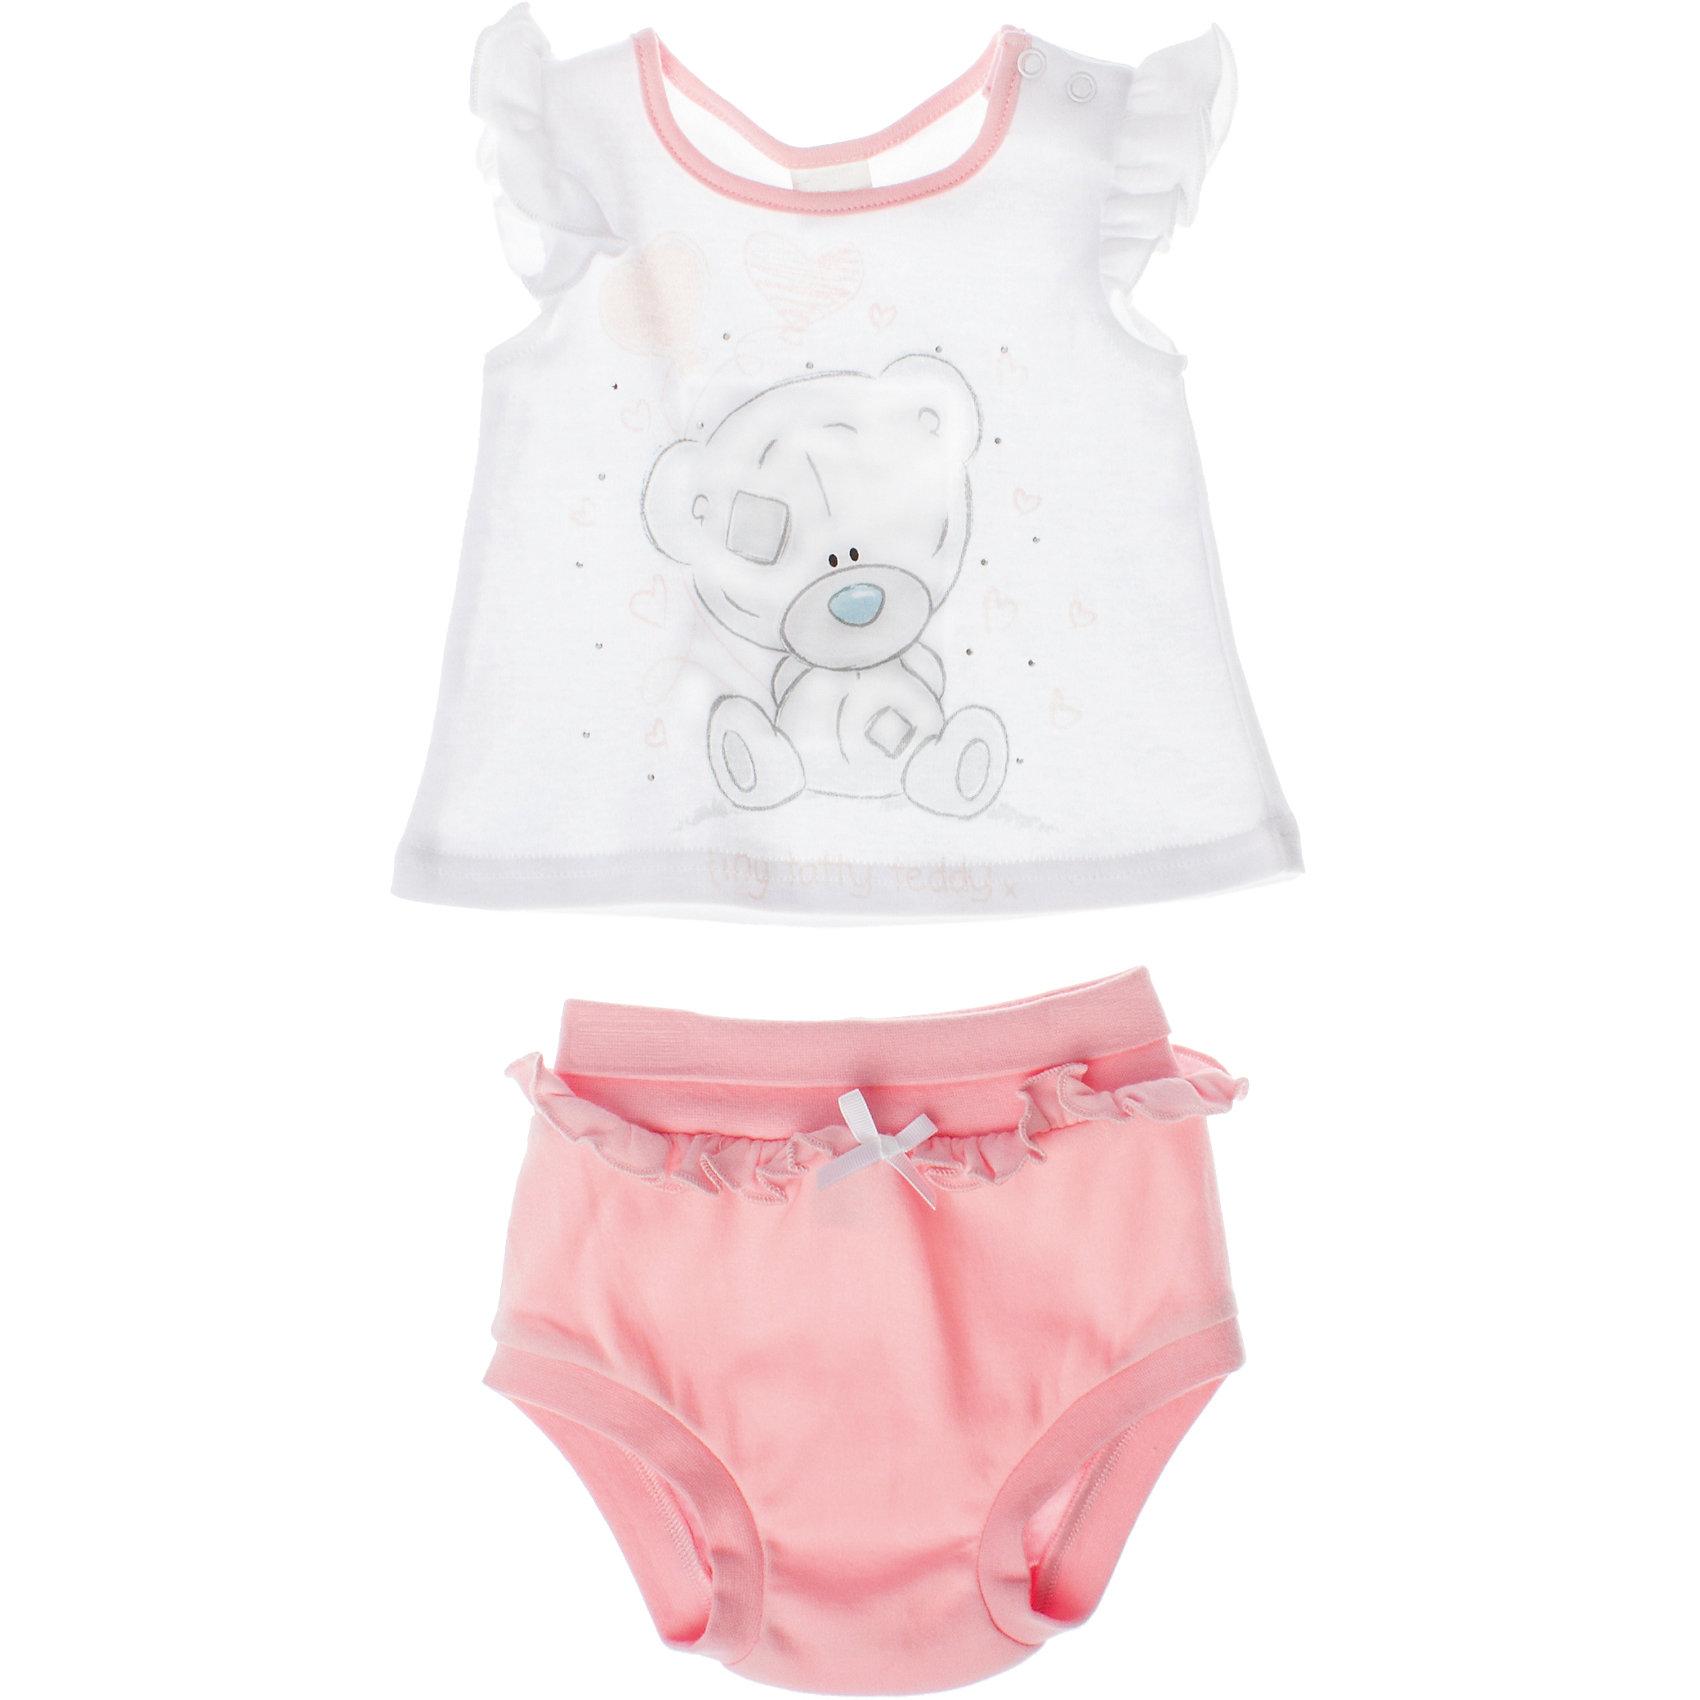 Комплект: майка и шорты для девочки PlayTodayКомплект: майка и шорты для девочки PlayToday <br><br>Состав: 100% хлопок <br><br>Майка:<br>Майка украшена водным принтом, глиттером и стразами.<br>Отрезная кокетка на рукавах.<br>Застежки-кнопки на плече.<br>Шорты:<br>Пояс и низ трусиков на резинке.<br>Отрезная кокетка на поясе.<br>Украшены бантиком.<br><br>Ширина мм: 199<br>Глубина мм: 10<br>Высота мм: 161<br>Вес г: 151<br>Цвет: розовый<br>Возраст от месяцев: 0<br>Возраст до месяцев: 3<br>Пол: Женский<br>Возраст: Детский<br>Размер: 56,62,74,68<br>SKU: 4503792